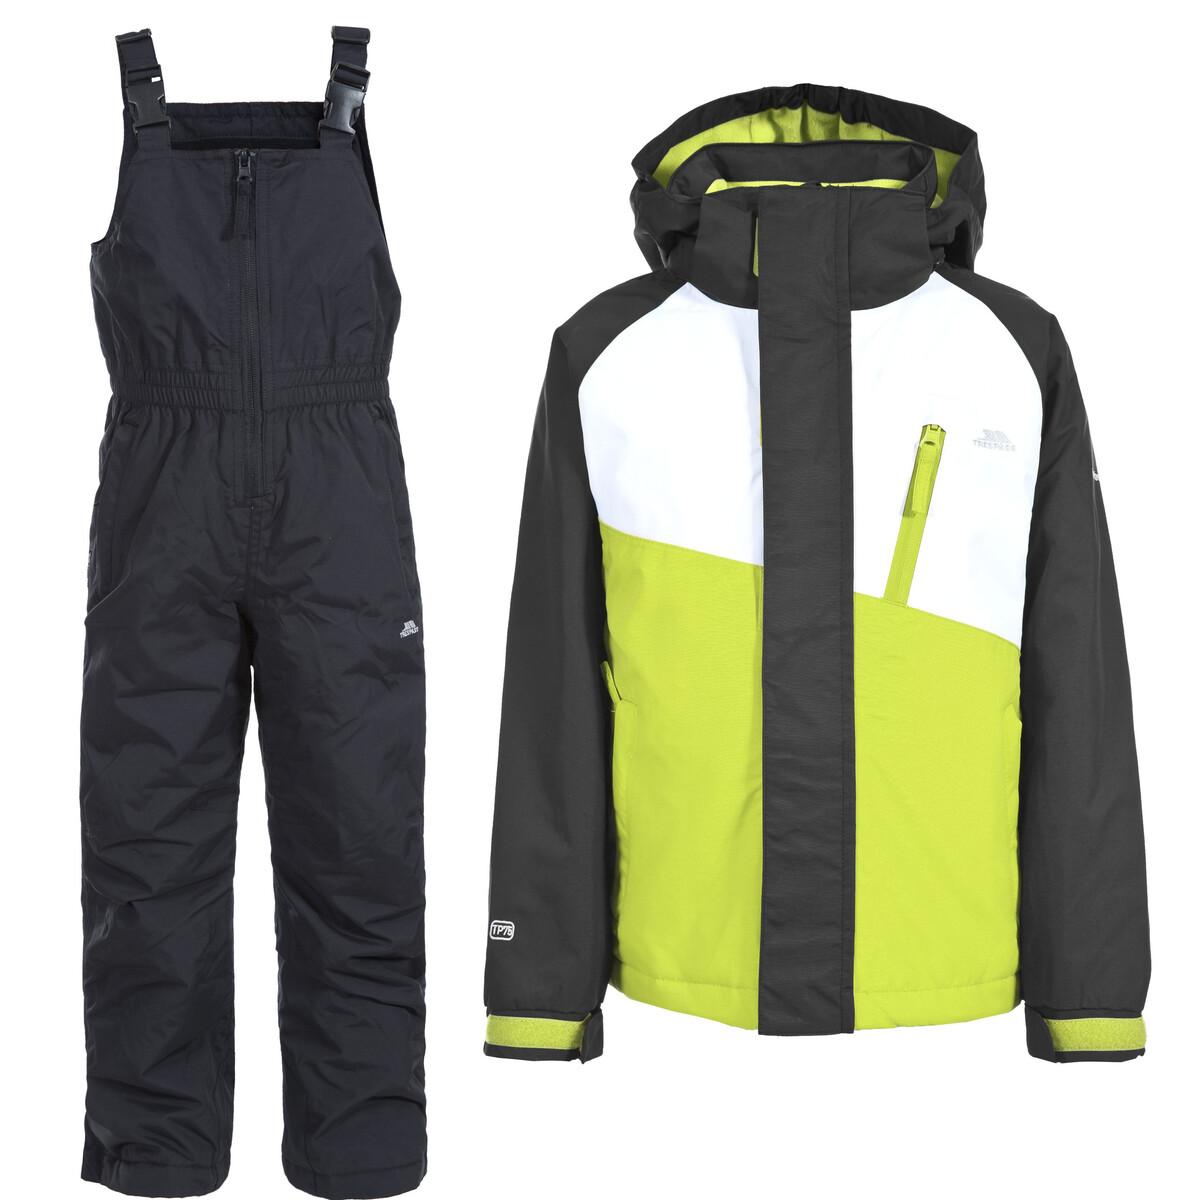 (トレスパス) Trespass キッズ・子供・ジュニア クローリー スキーウェアセット スキージャケット・オーバーオール 2点セット スノースポーツ 【海外直送】